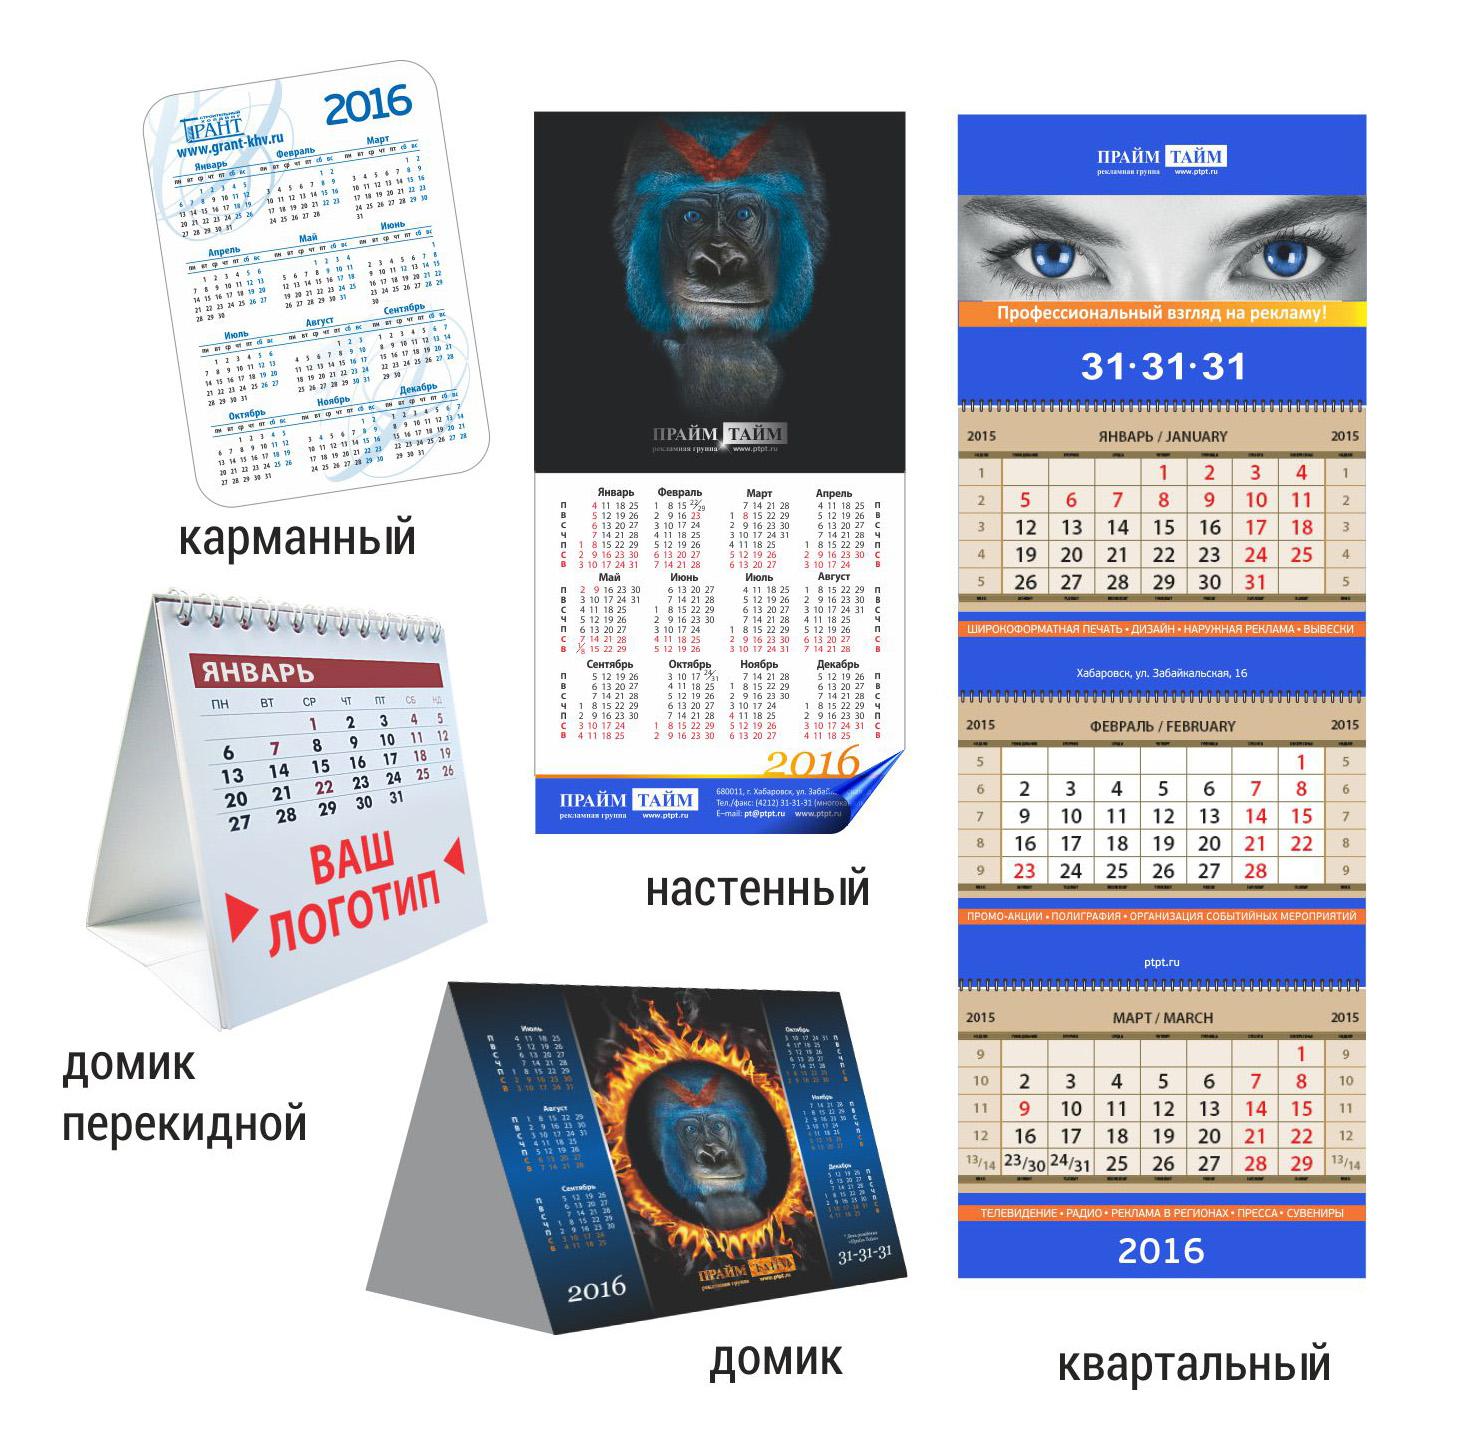 Картинки календарей виды